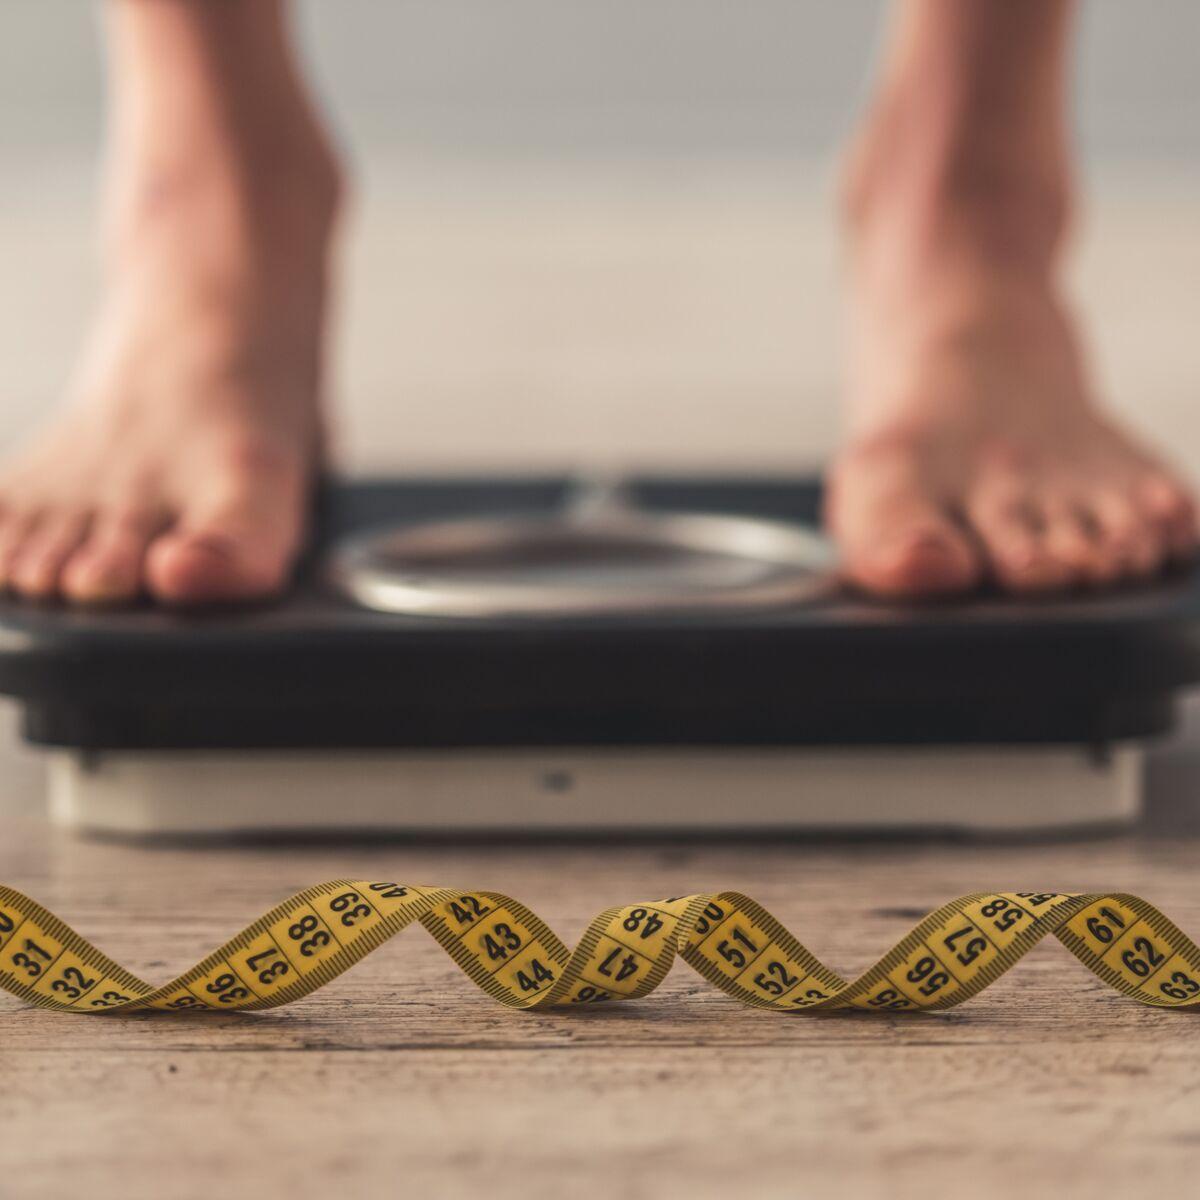 Signes que vous ne mangez pas assez au régime